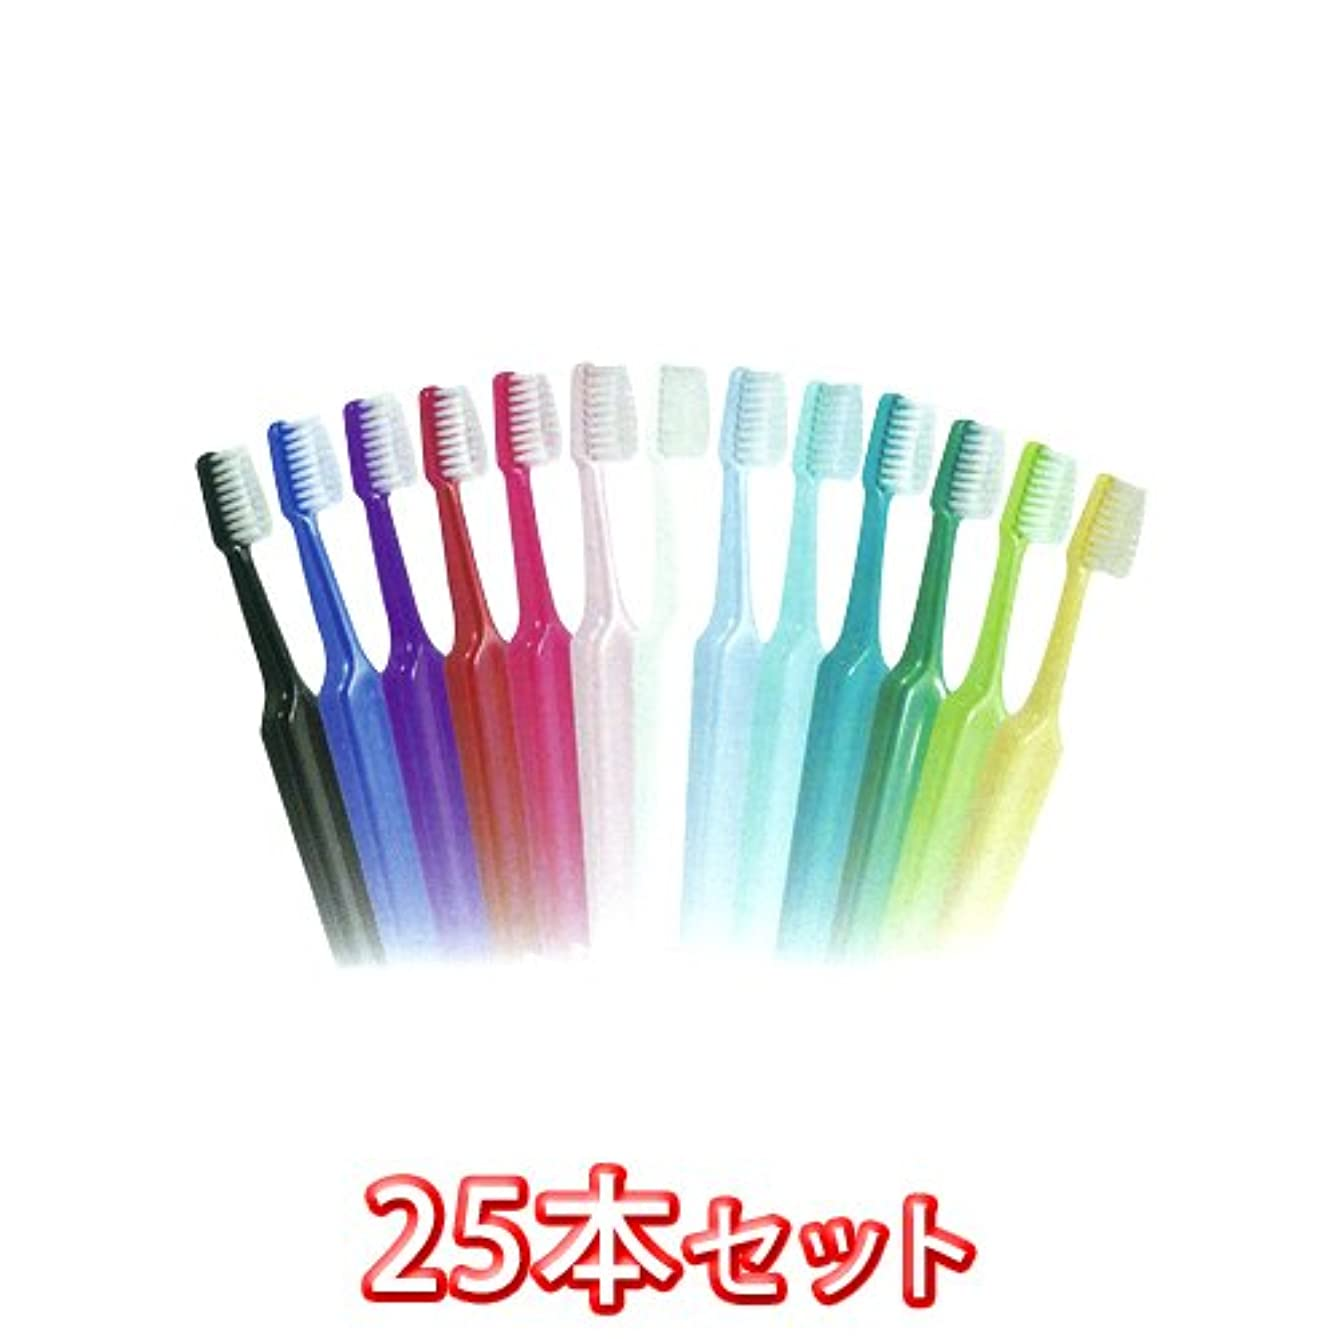 刈り取る礼儀首謀者TePeテペセレクトコンパクト歯ブラシ 25本(コンパクトソフト)